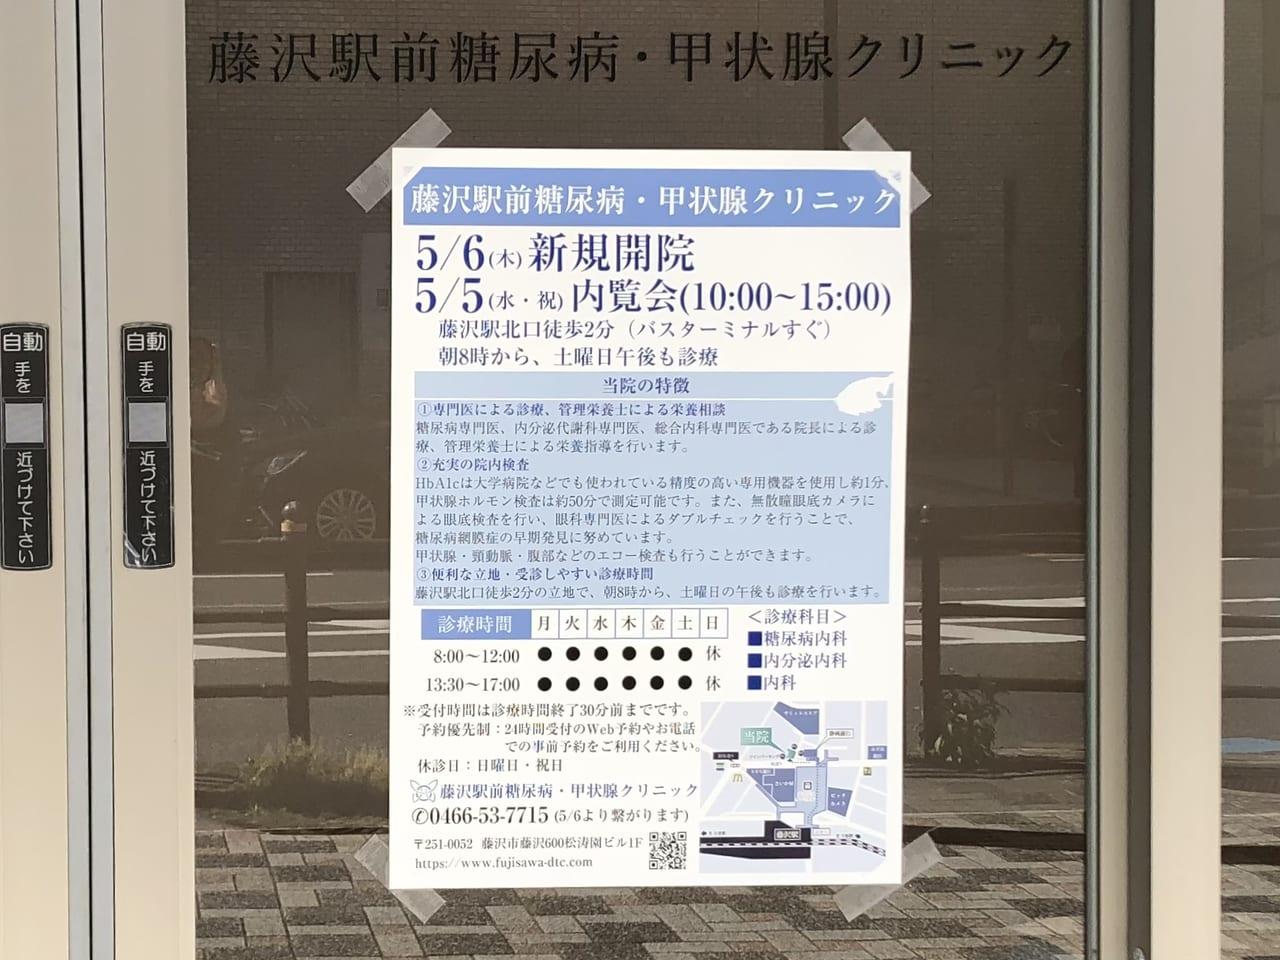 藤沢駅前糖尿病・甲状腺クリニック